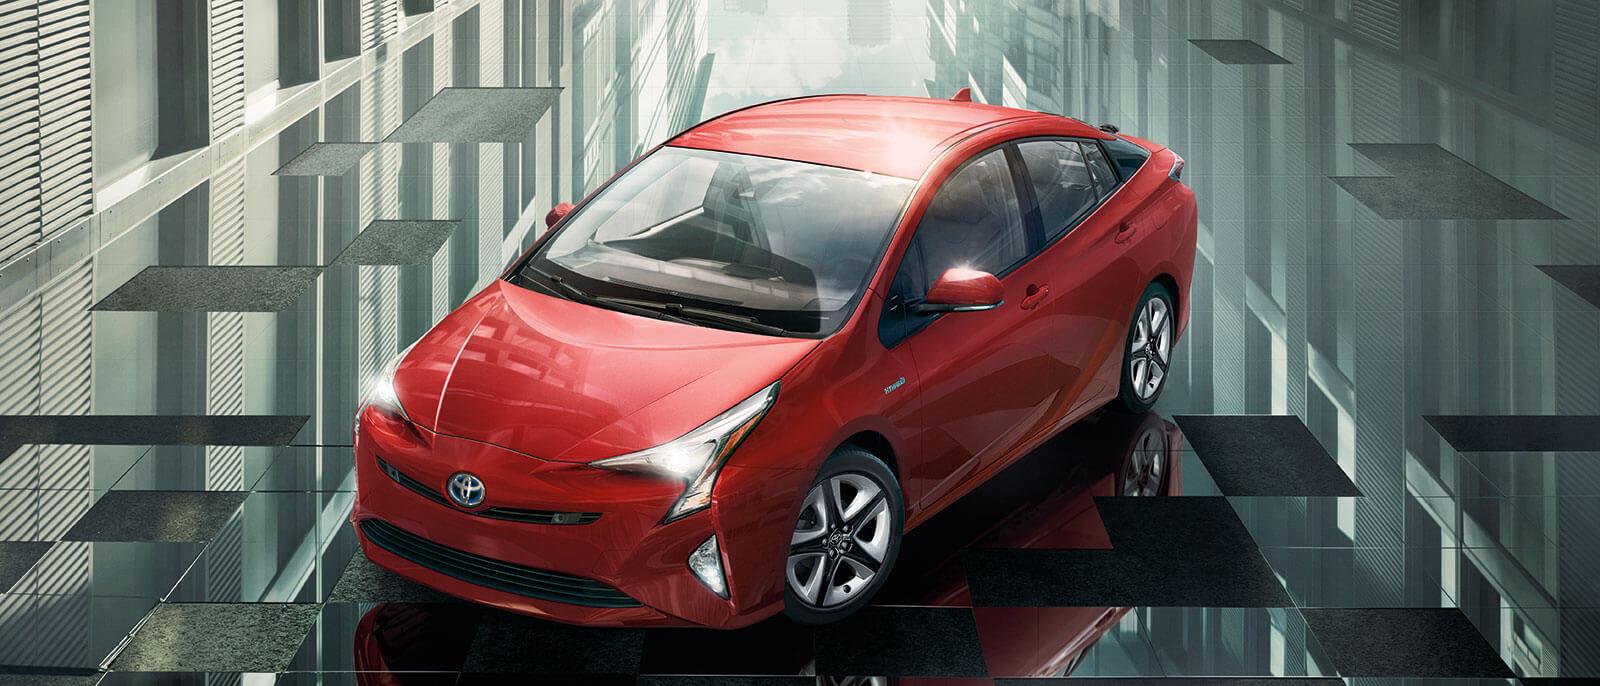 2016 Toyota Prius main image